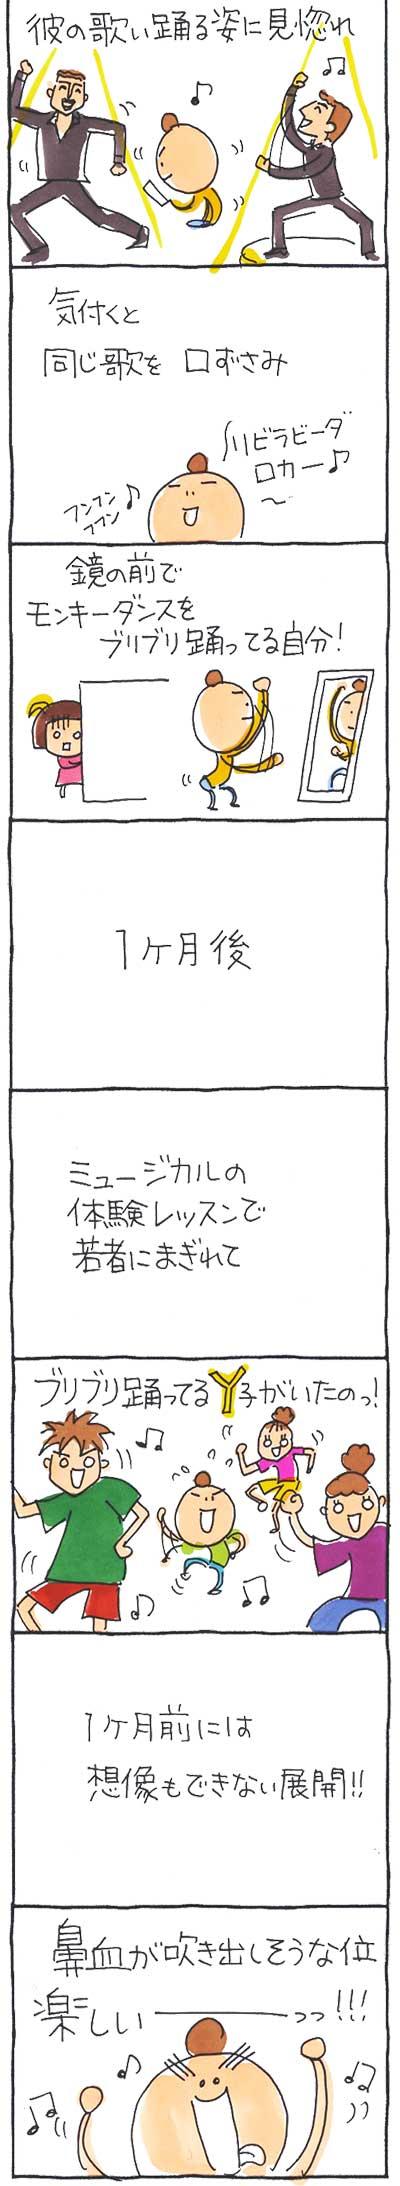 160603ミュージカル02